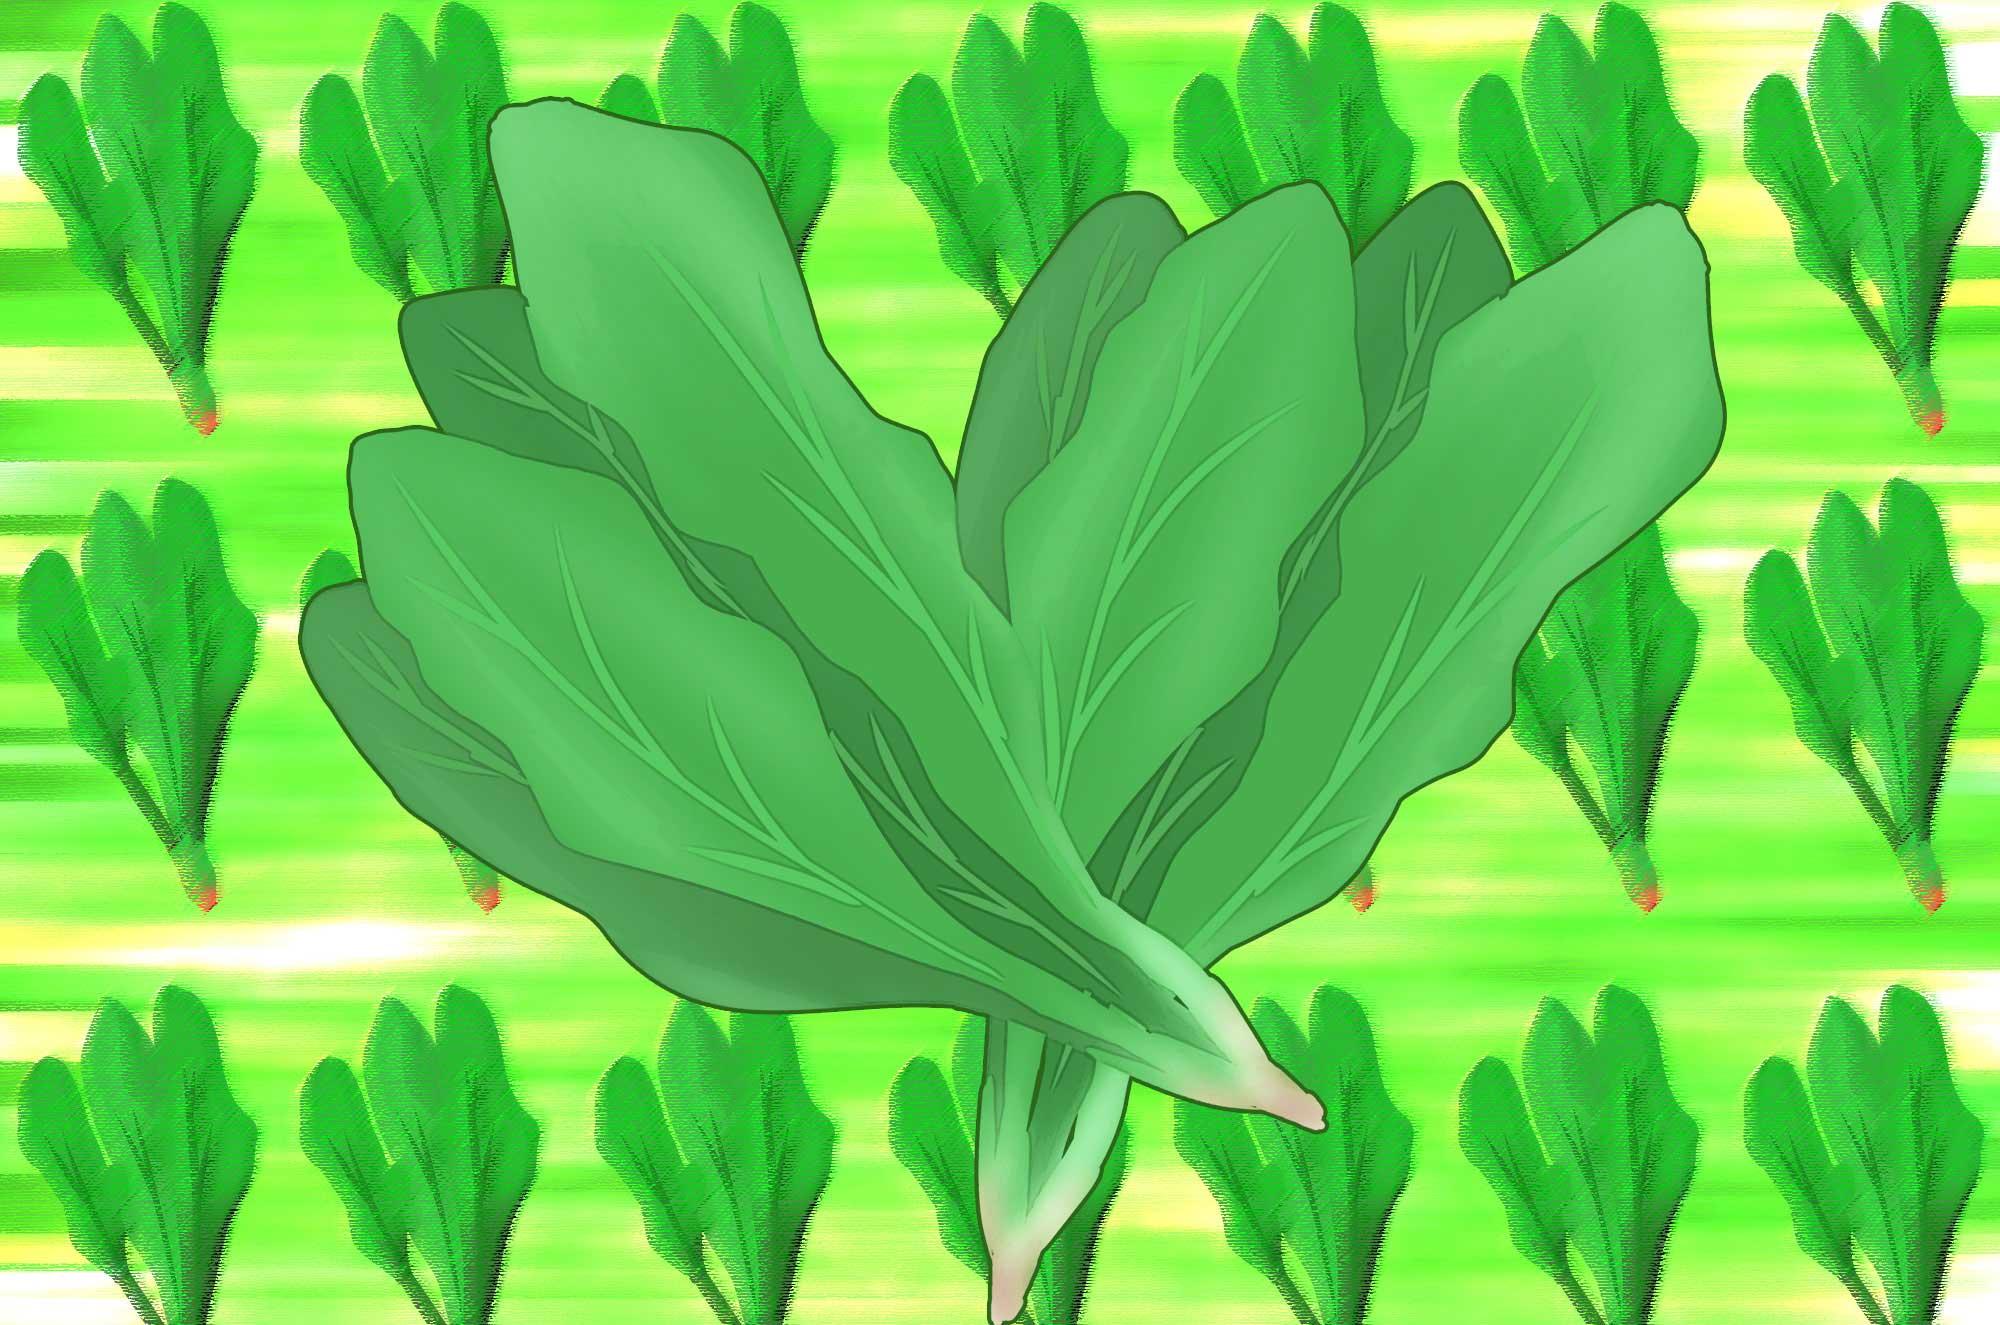 ほうれん草イラスト - かわいい緑の野菜の無料素材